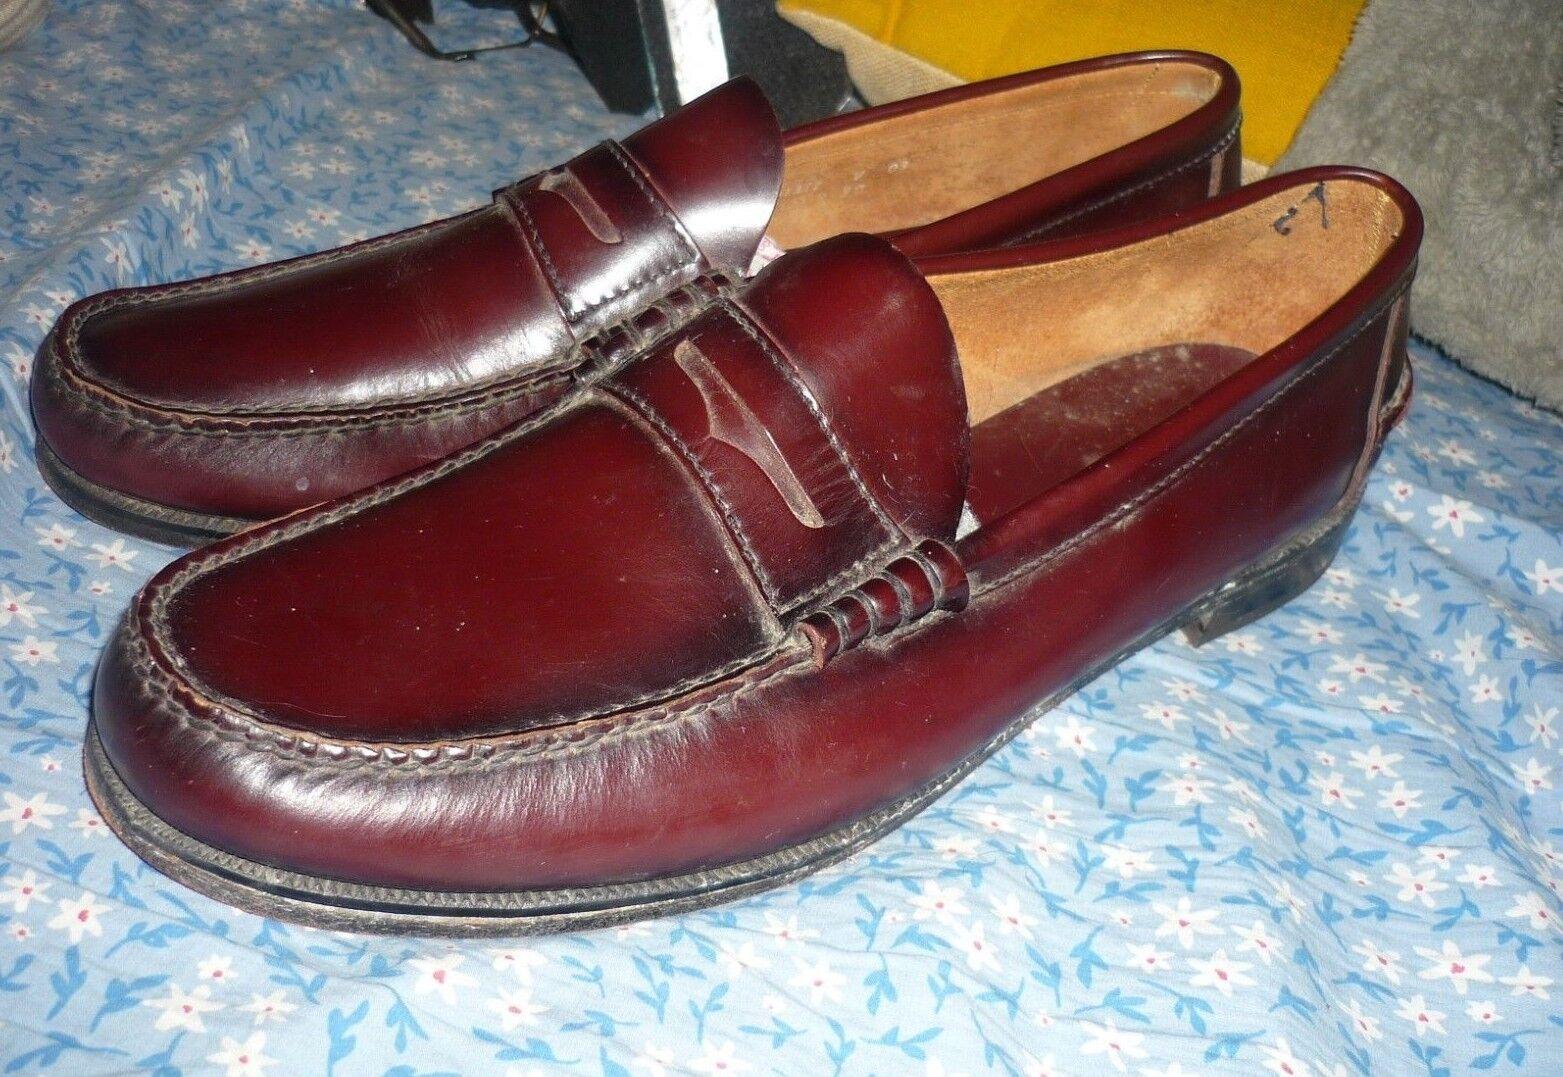 Florsheim Men's SZ 15 shoes Leather Penny Loafer   excellent